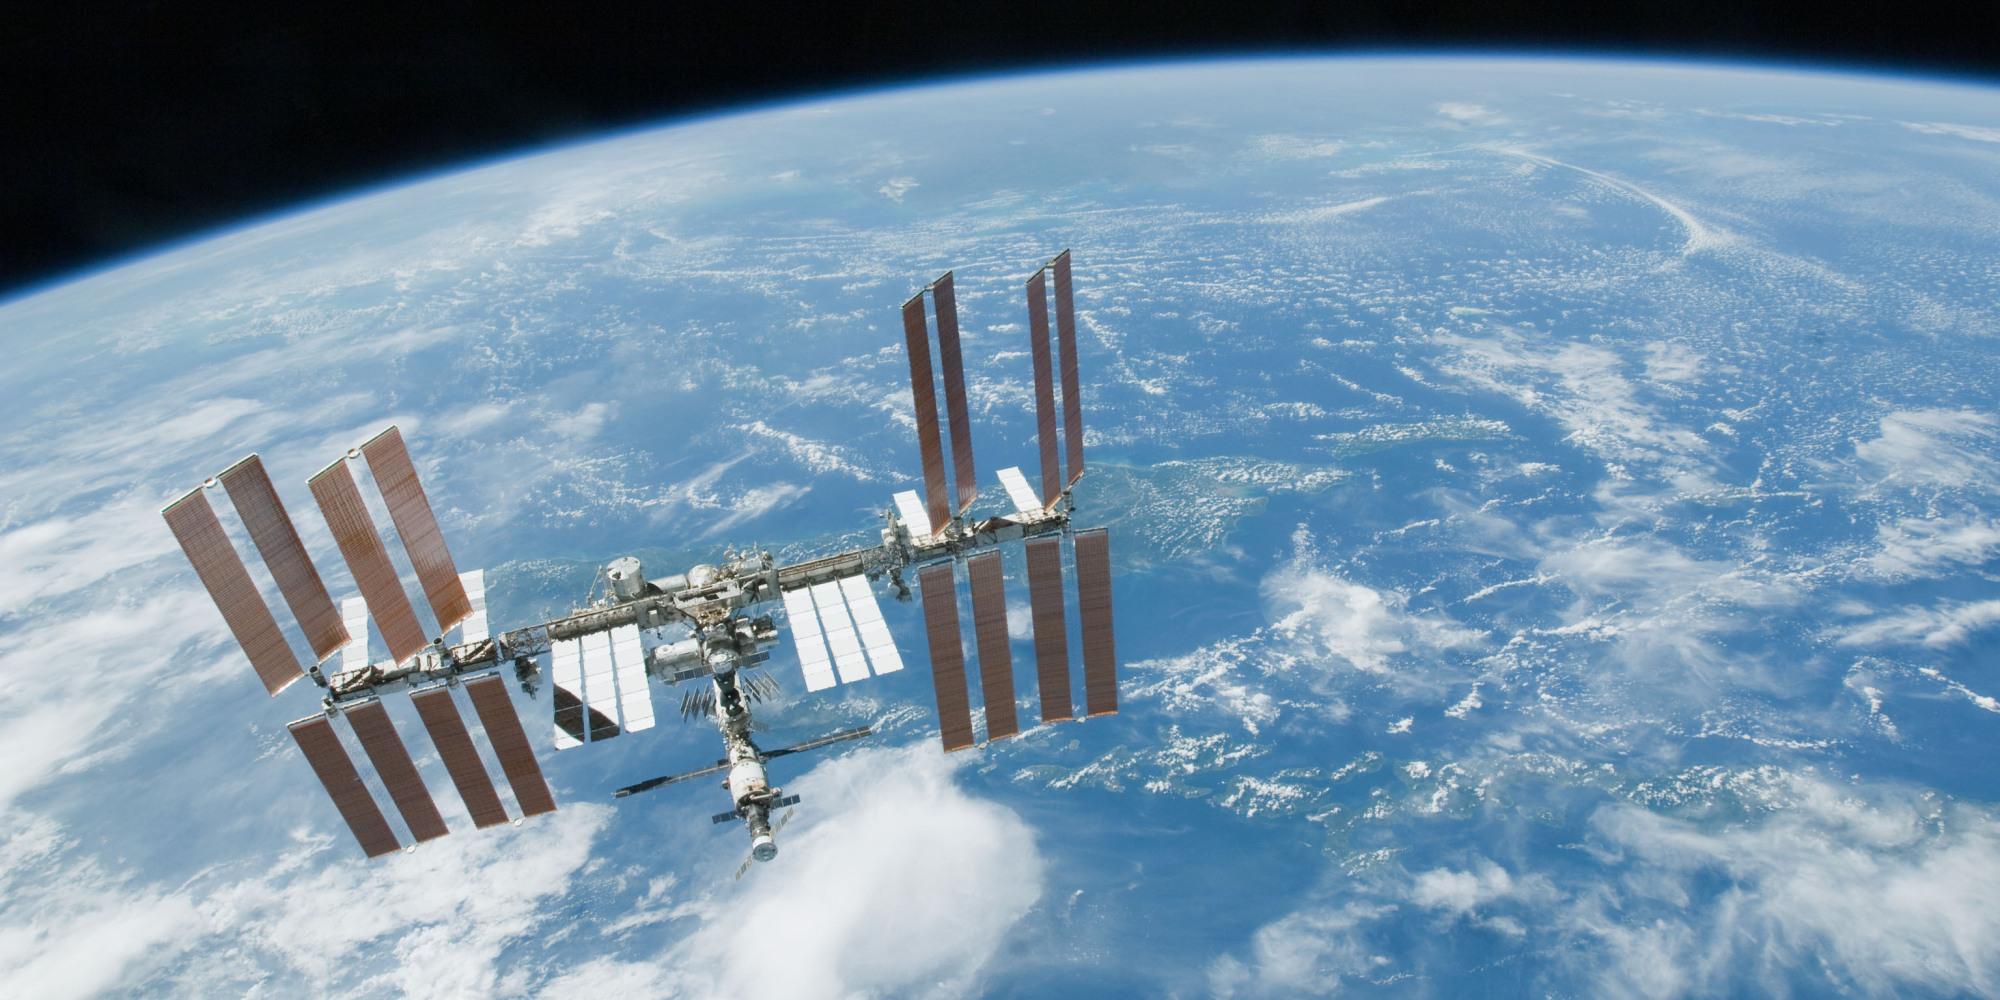 طلاب مغاربة يجرون اتصالاً مع محطة فضاء دولية بتنسيق مع وكالة  ناسا